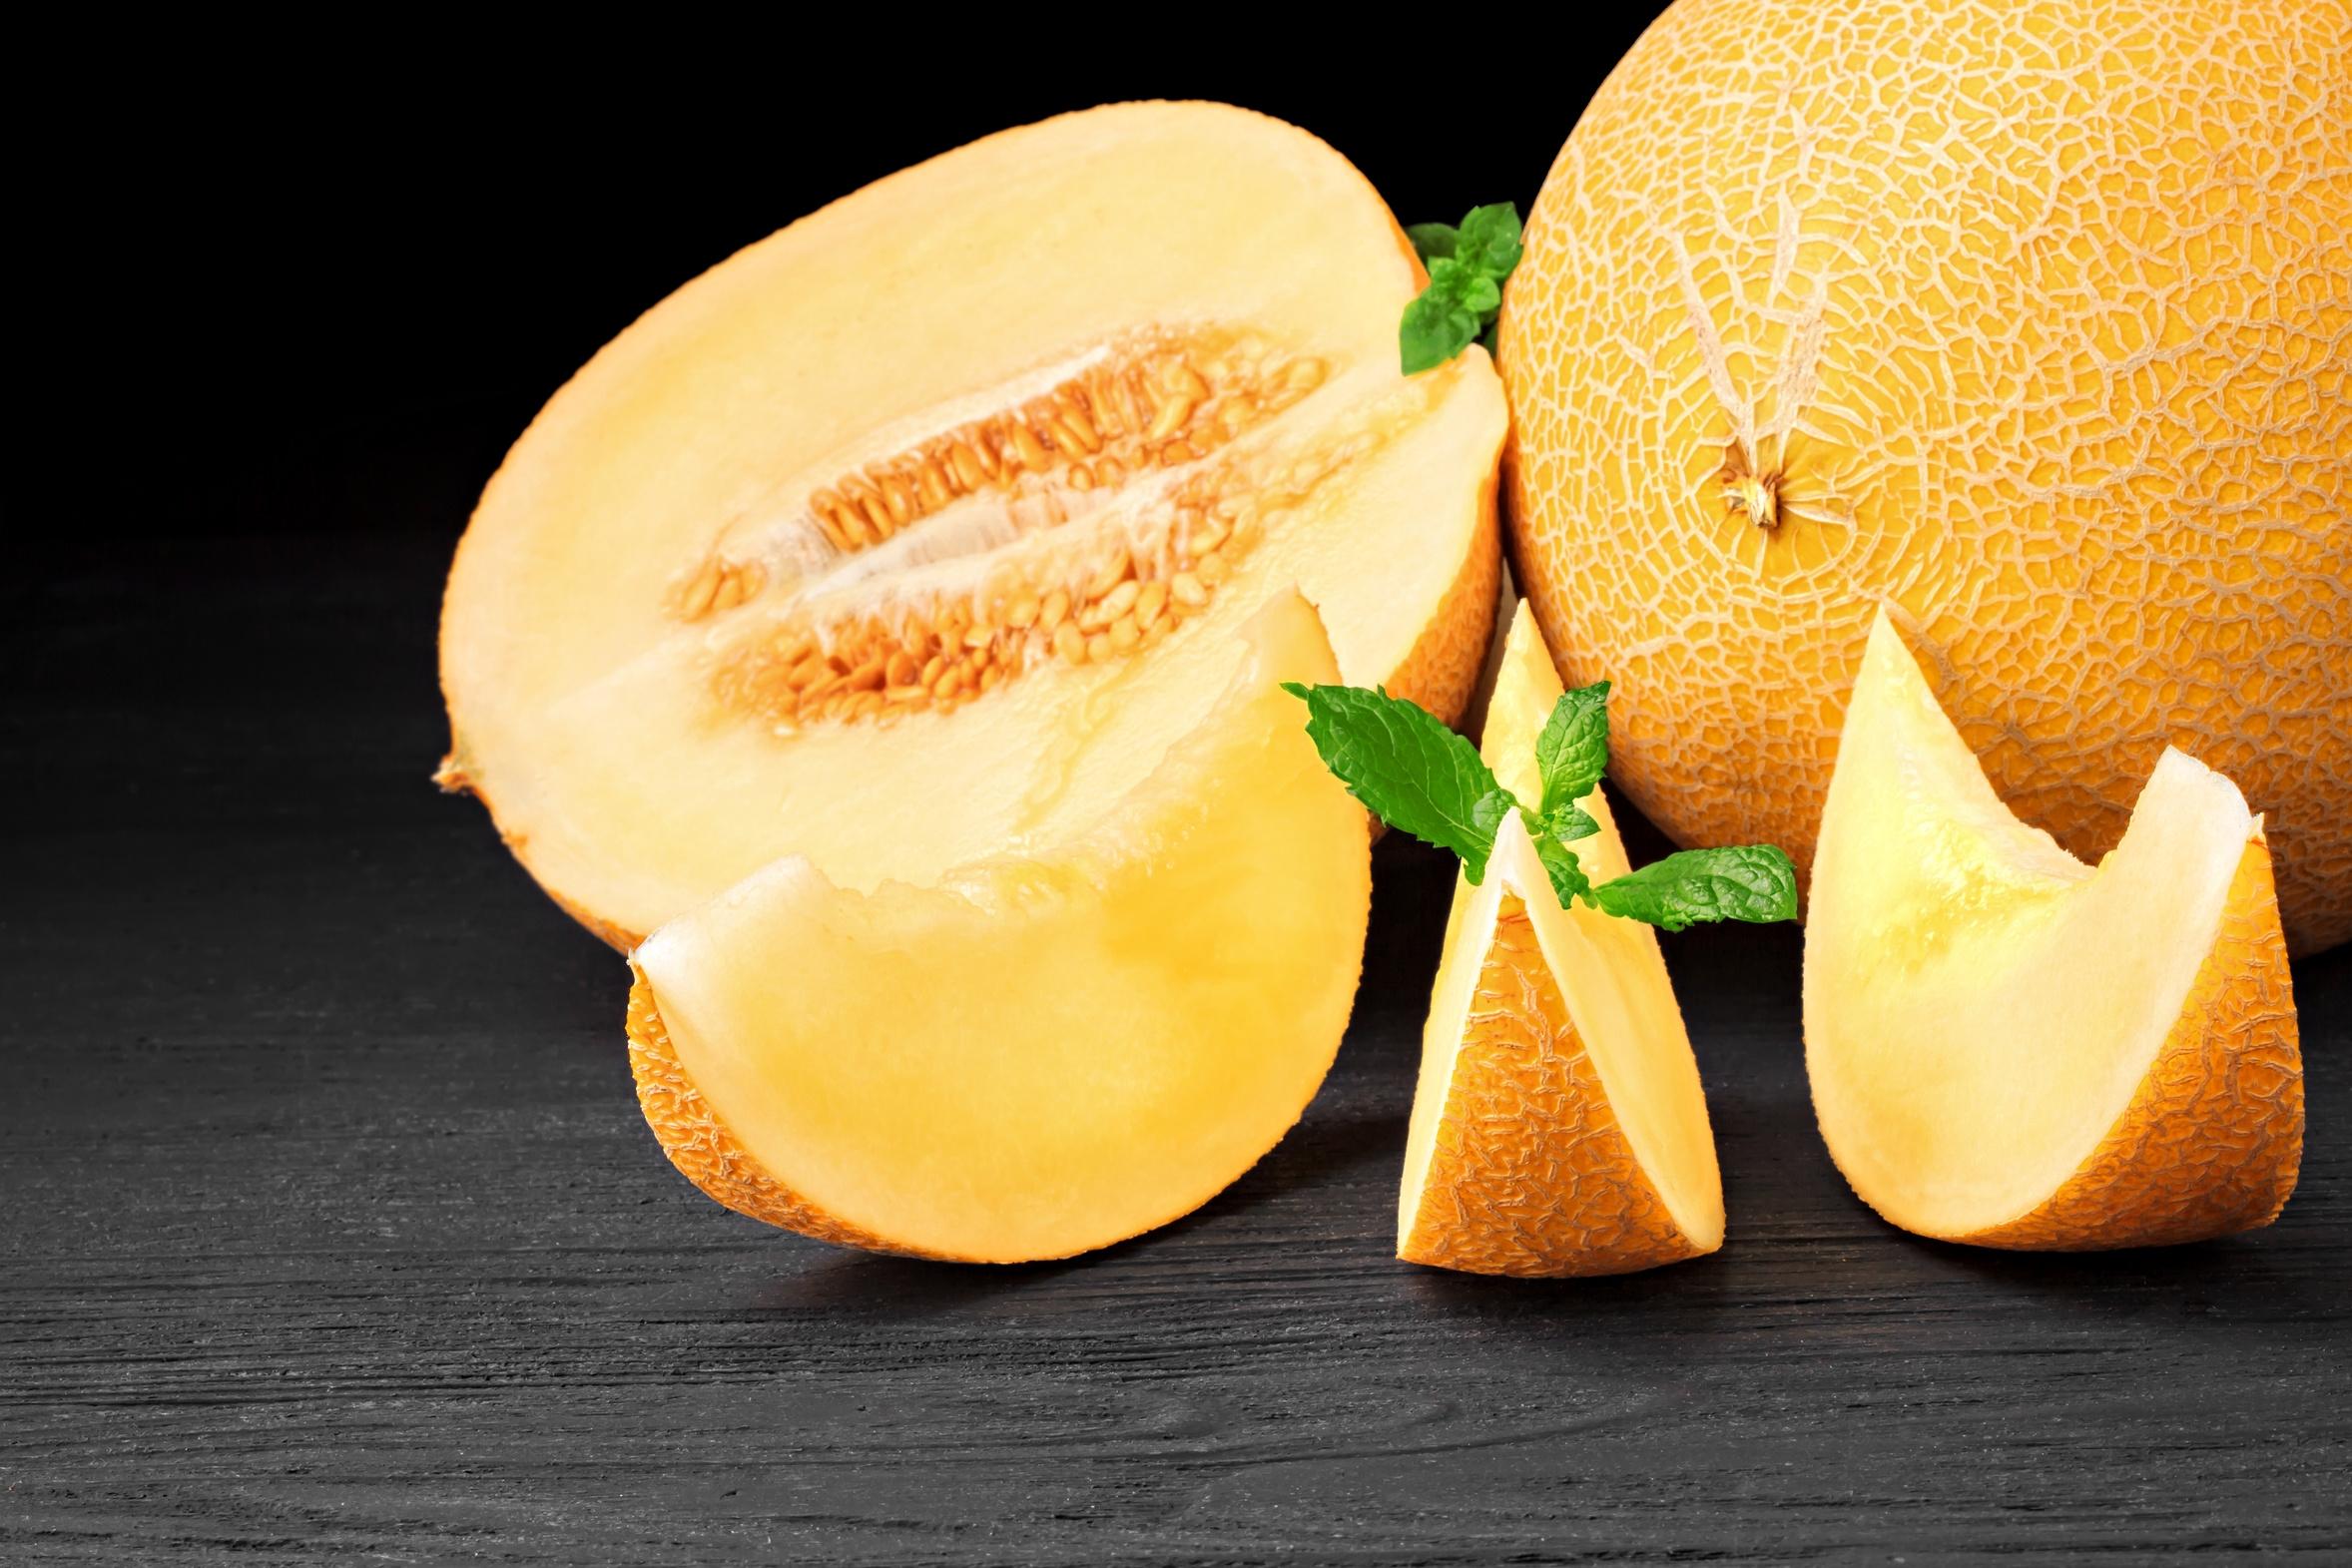 come far maturare un melonecome far maturare un melone